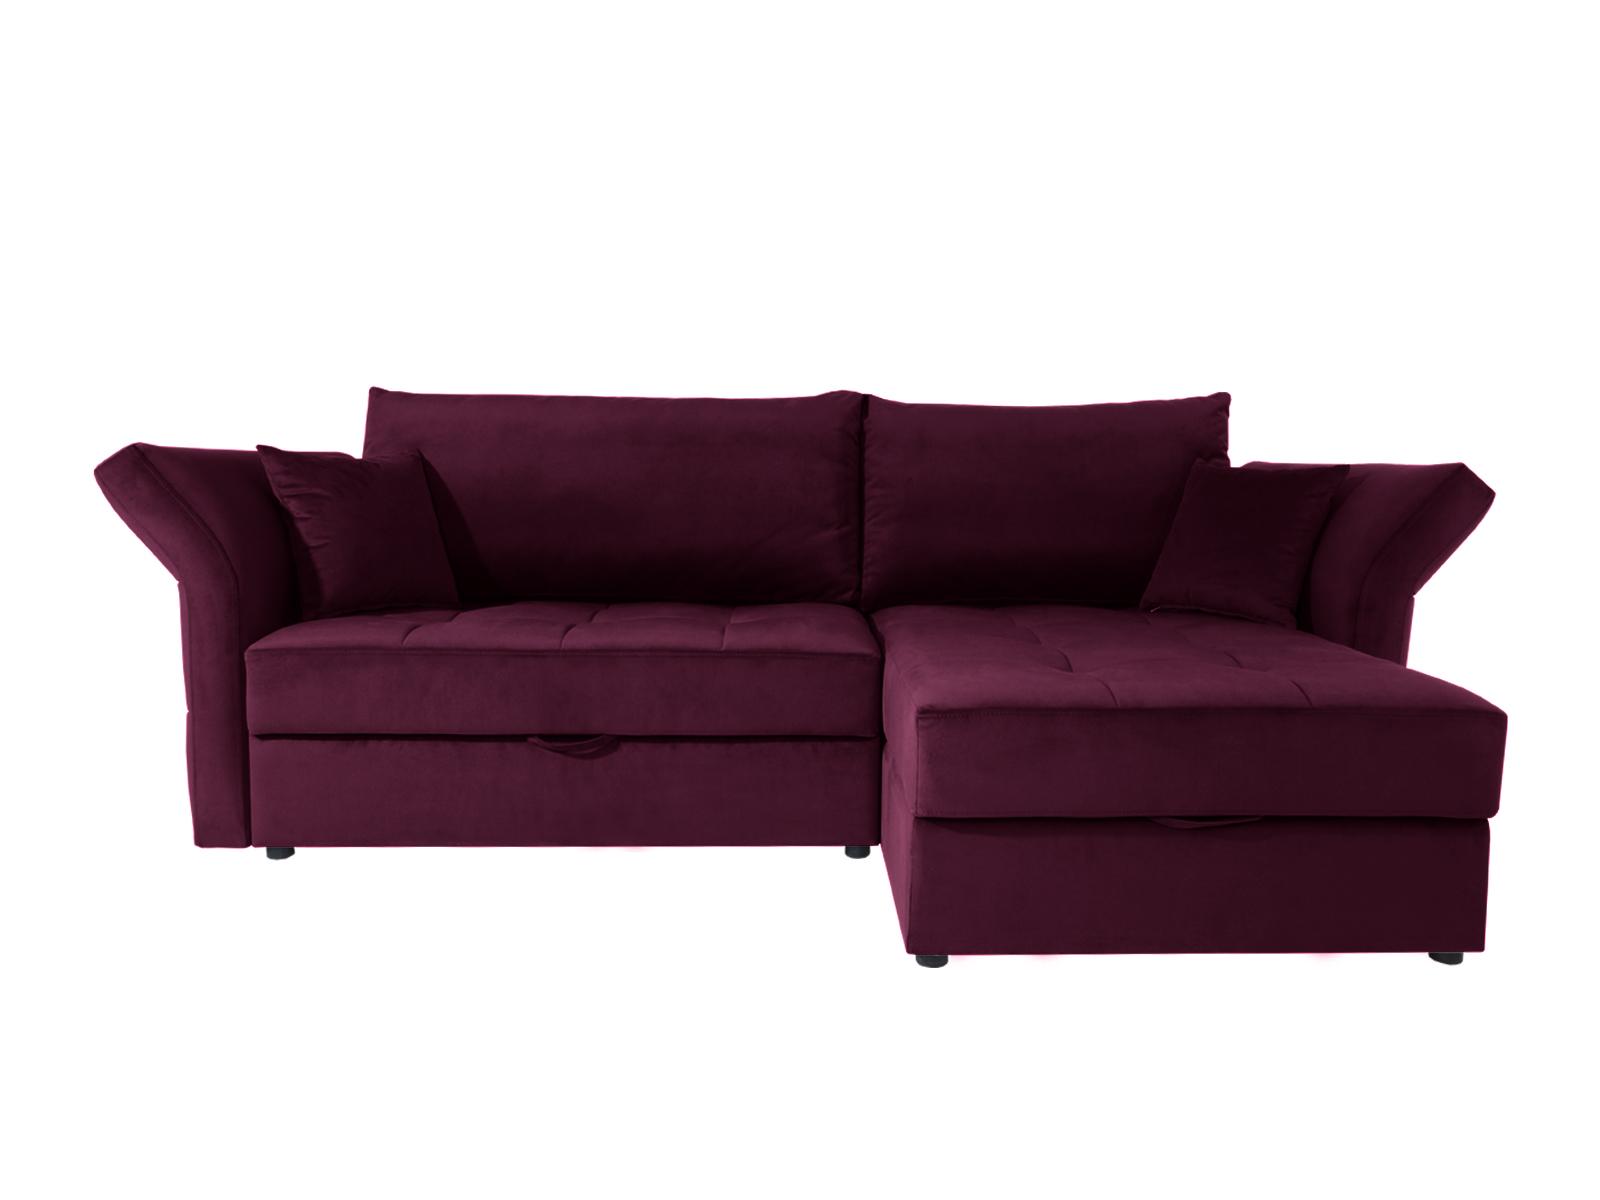 Диван WingУгловые раскладные диваны<br>Особенностью этого углового дивана является универсальное исполнение - оттоманку можно располагать как с правой, так и с левой стороны. Сиденье оттоманки снабжено подъемным механизмом на пневматических лифтах, под ним расположено отделение для хранения постельного белья. Под основным сидением - еще одно отделение для хранения.Материалы:Каркас: фанера, МДФ.Мягкие элементы дивана: пенополиуретан, холлофайбер, синтепон.Съемные подушки: синтетическое волокно «синтепух».Обивка: 100% полиэстер.Механизм трансформации: Еврокнижка.Глубина сиденья: 53 cмШирина сиденья: 201 cмВысота сиденья: 43 cмРазмер спального места 201 х 143 см.<br><br>kit: None<br>gender: None